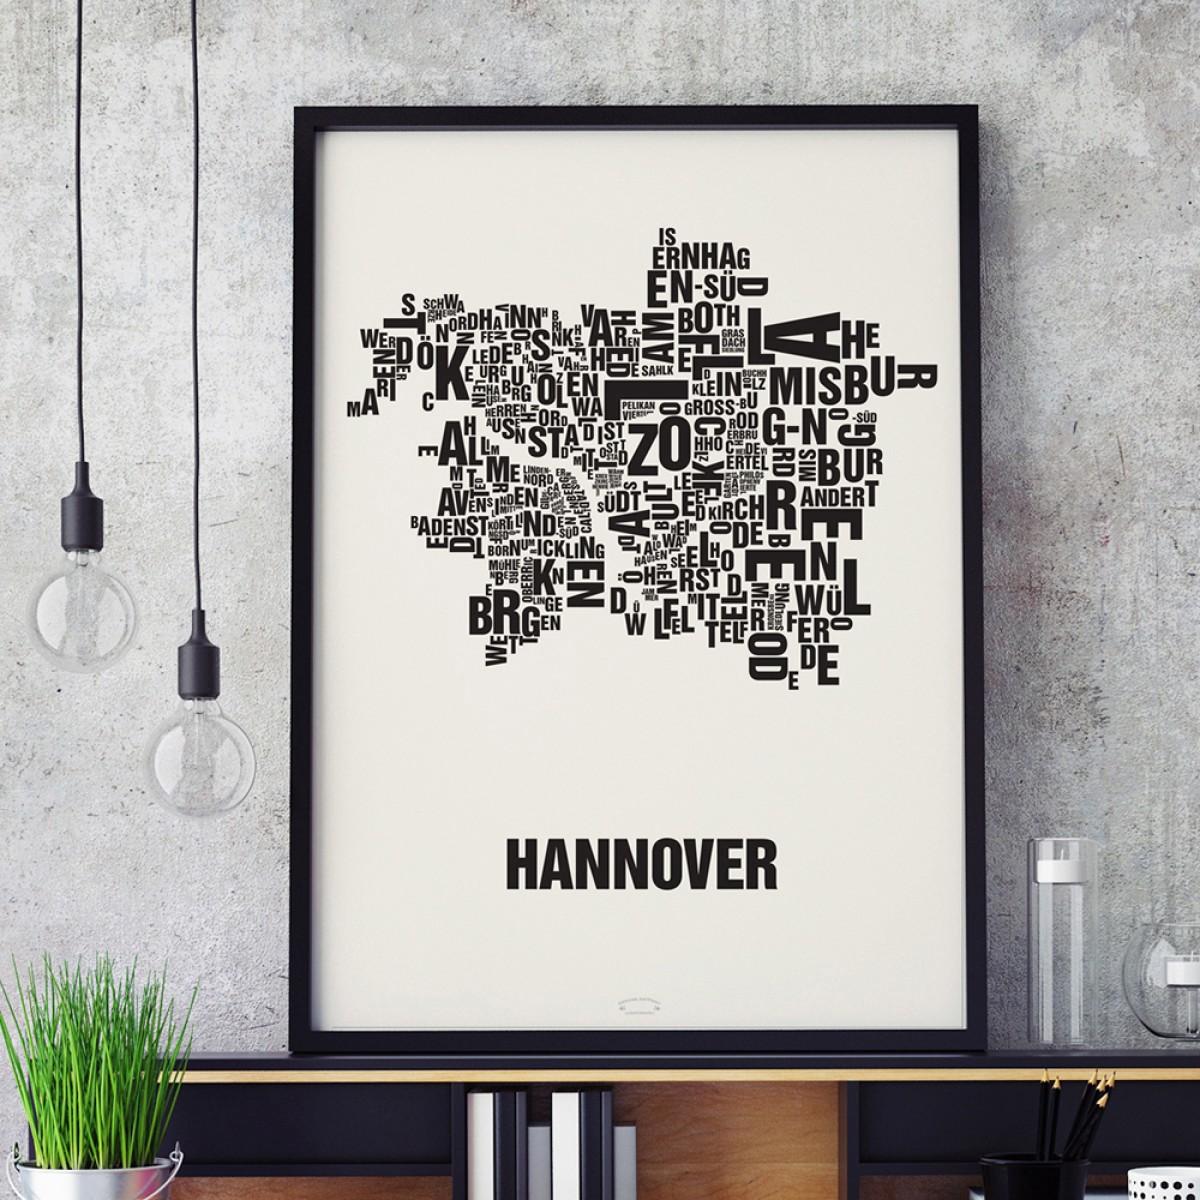 Buchstabenort Hannover Stadtteile-Poster Typografie Siebdruck